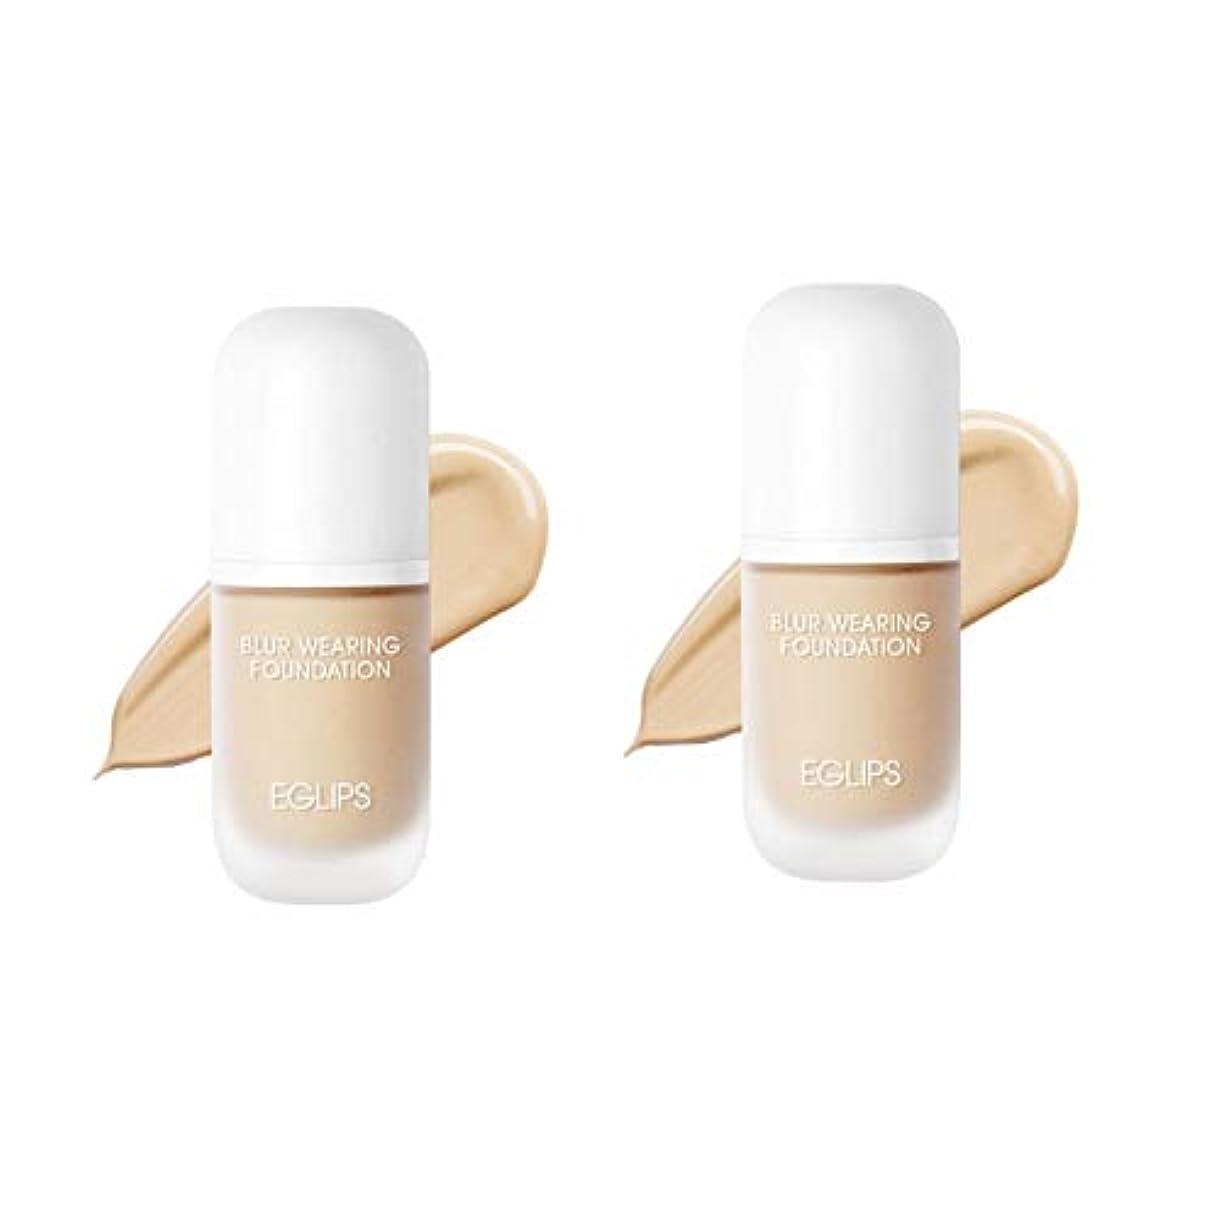 忠実にファームパラシュートイーグルリップスブラーウェアリングファンデーション 30mlx2本セット3カラー韓国コスメ、EGLIPS Blur Wearing Foundation 30ml x 2ea Set 3 Colors Korean Cosmetics...